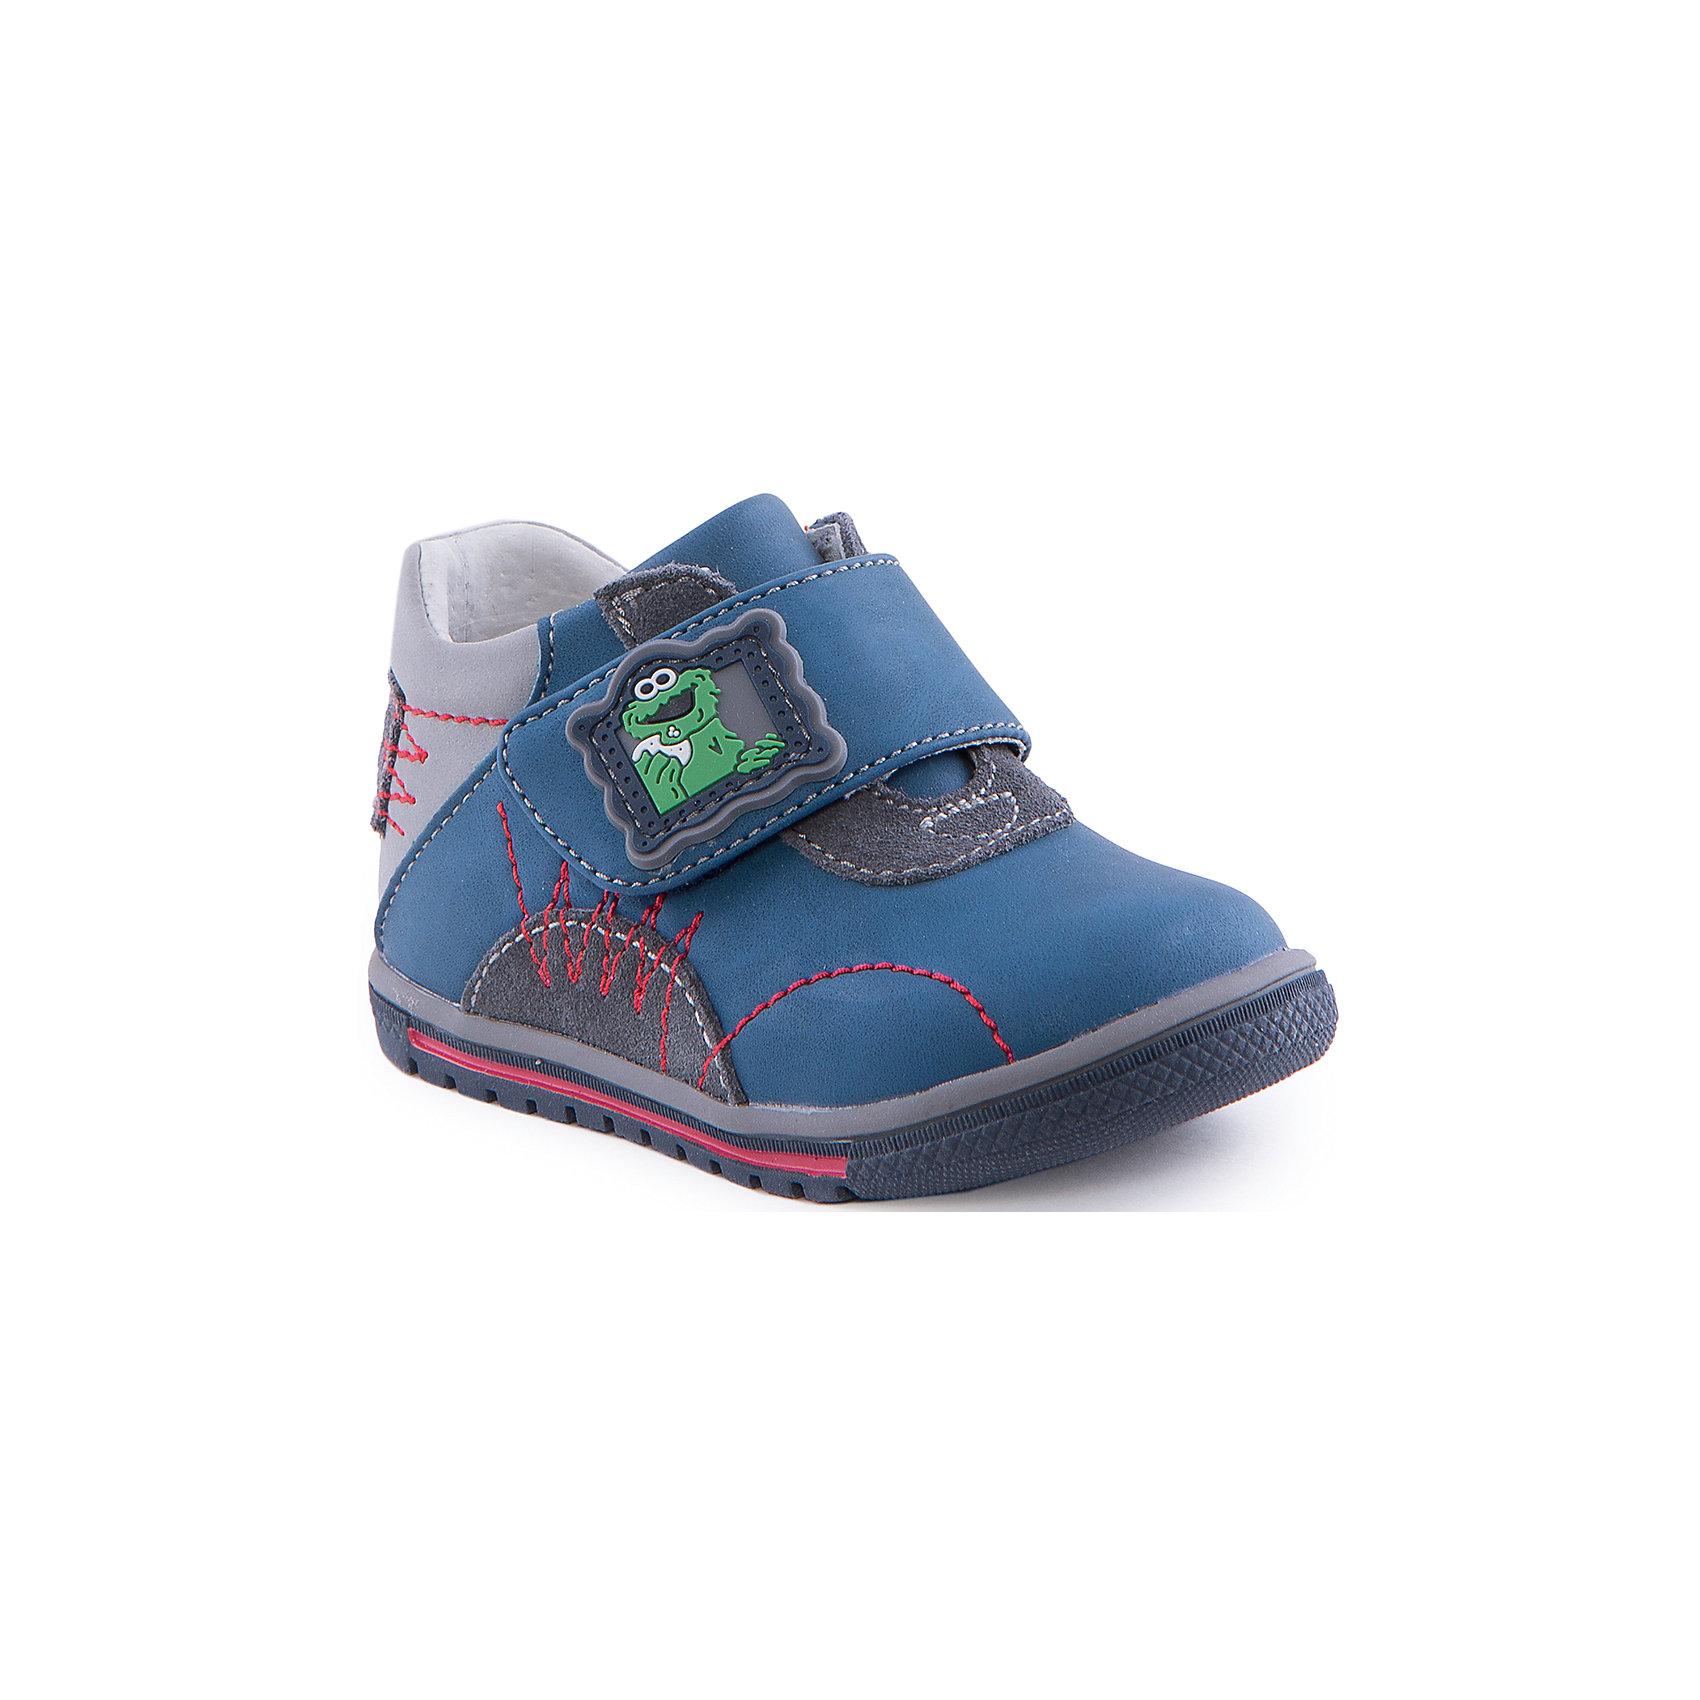 Ботинки для мальчика Indigo kidsОбувь для малышей<br>Ботинки для мальчика от известного бренда Indigo kids<br><br>Удобные ботинки отличаются оригинальной яркой отделкой. Они легко надеваются благодаря липучкам и комфортно садятся по ноге. <br><br>Особенности модели:<br><br>- цвет - синий, серый;<br>- стильный дизайн;<br>- удобная колодка;<br>- натуральная кожаная подкладка;<br>- декорированы аппликацией;<br>- качественная контрастная прошивка;<br>- устойчивая подошва;<br>- застежки: липучки.<br><br>Дополнительная информация:<br><br>Состав:<br><br>верх – искусственная кожа;<br>подкладка - натуральная кожа;<br>подошва - ТЭП.<br><br>Ботинки для мальчика Indigo kids (Индиго Кидс) можно купить в нашем магазине.<br><br>Ширина мм: 262<br>Глубина мм: 176<br>Высота мм: 97<br>Вес г: 427<br>Цвет: голубой<br>Возраст от месяцев: 15<br>Возраст до месяцев: 18<br>Пол: Мужской<br>Возраст: Детский<br>Размер: 22,23,20,21,25,24<br>SKU: 4520104